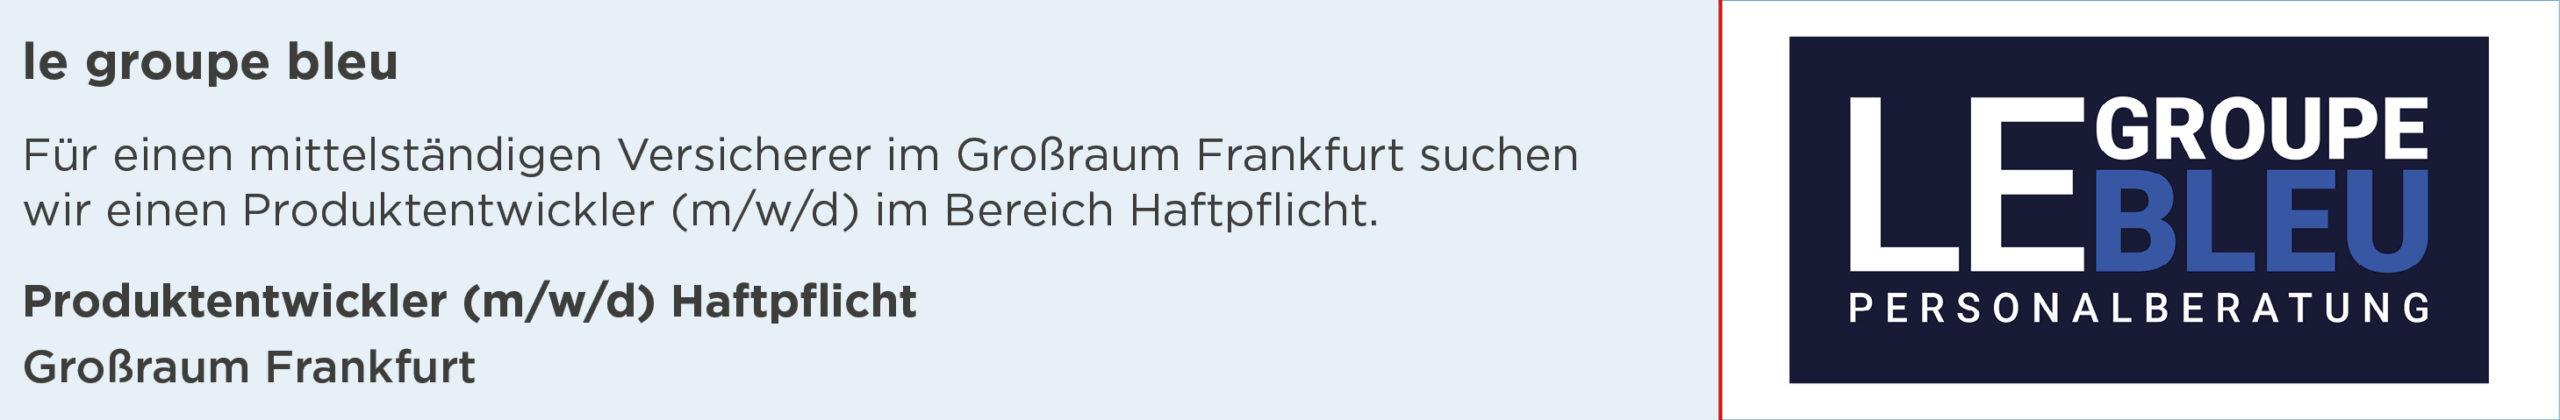 le groupe bleu, produktentwickler, haftpflicht, stellenanzeige, großraum frankfurt